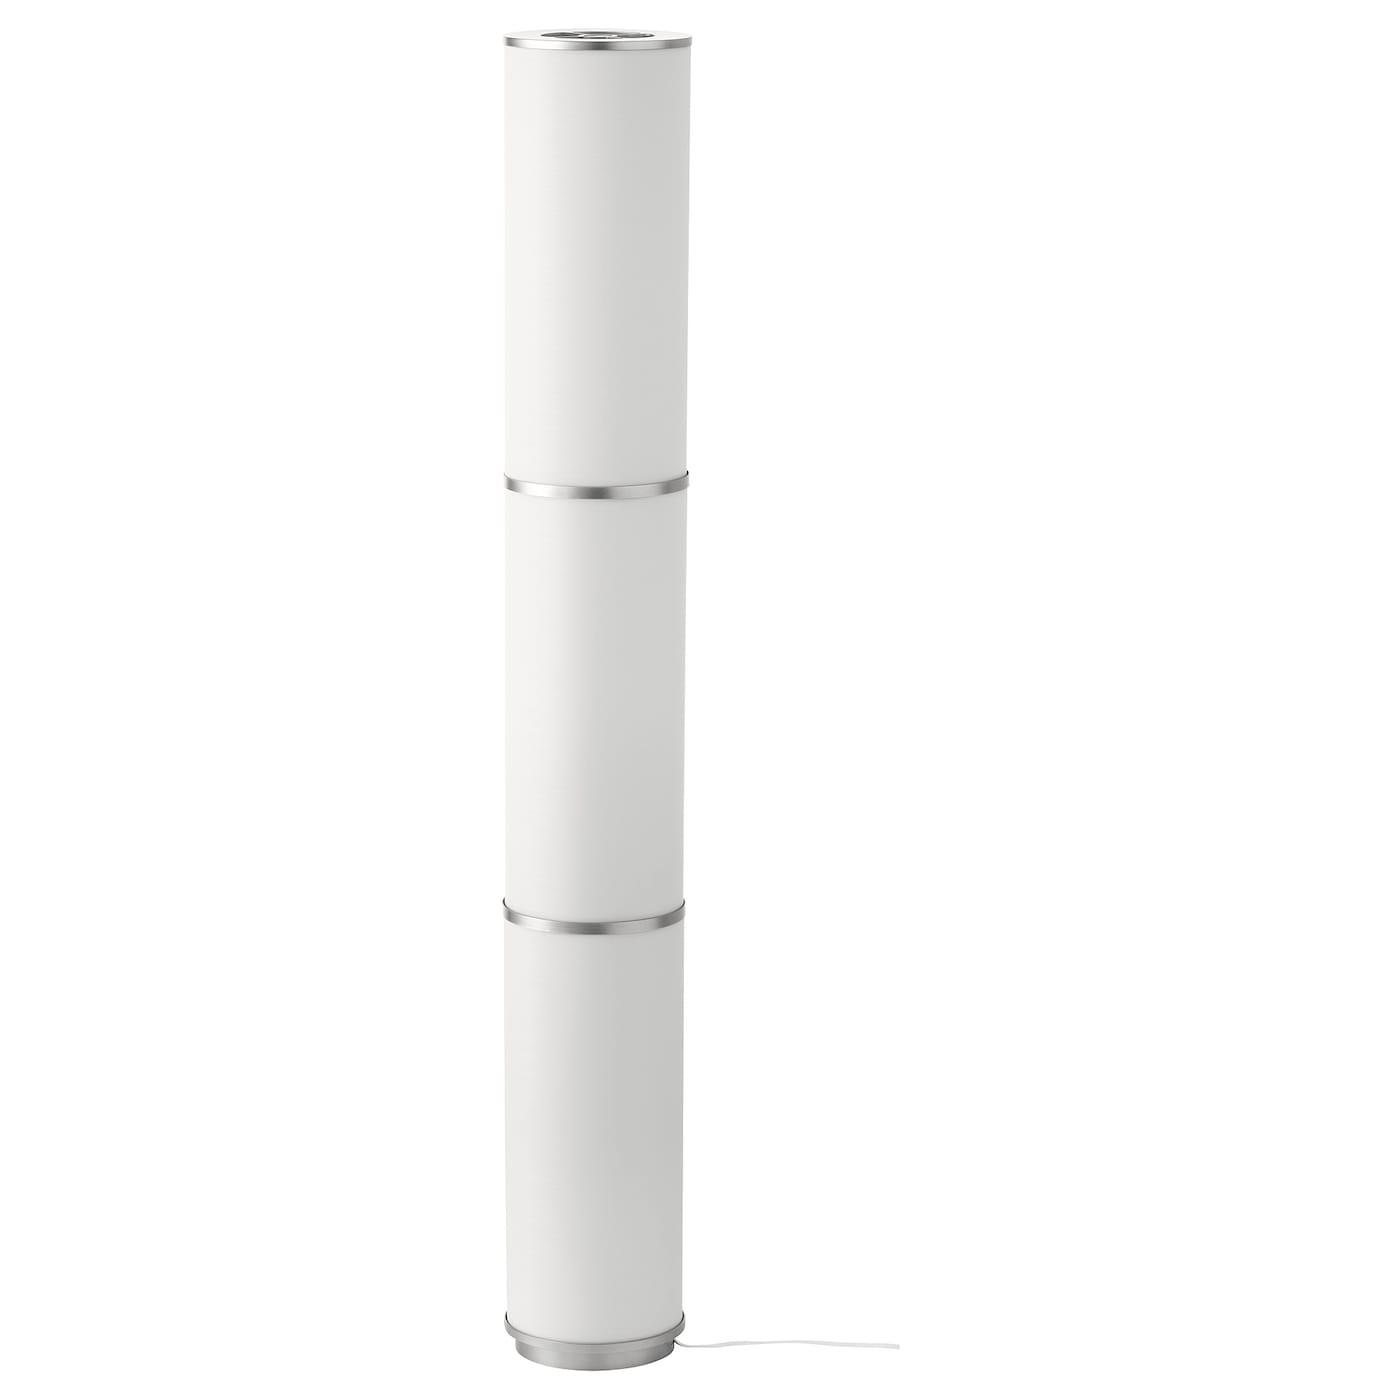 VIDJA Golvlampa, vit, 138 cm IKEA in 2020 | White floor